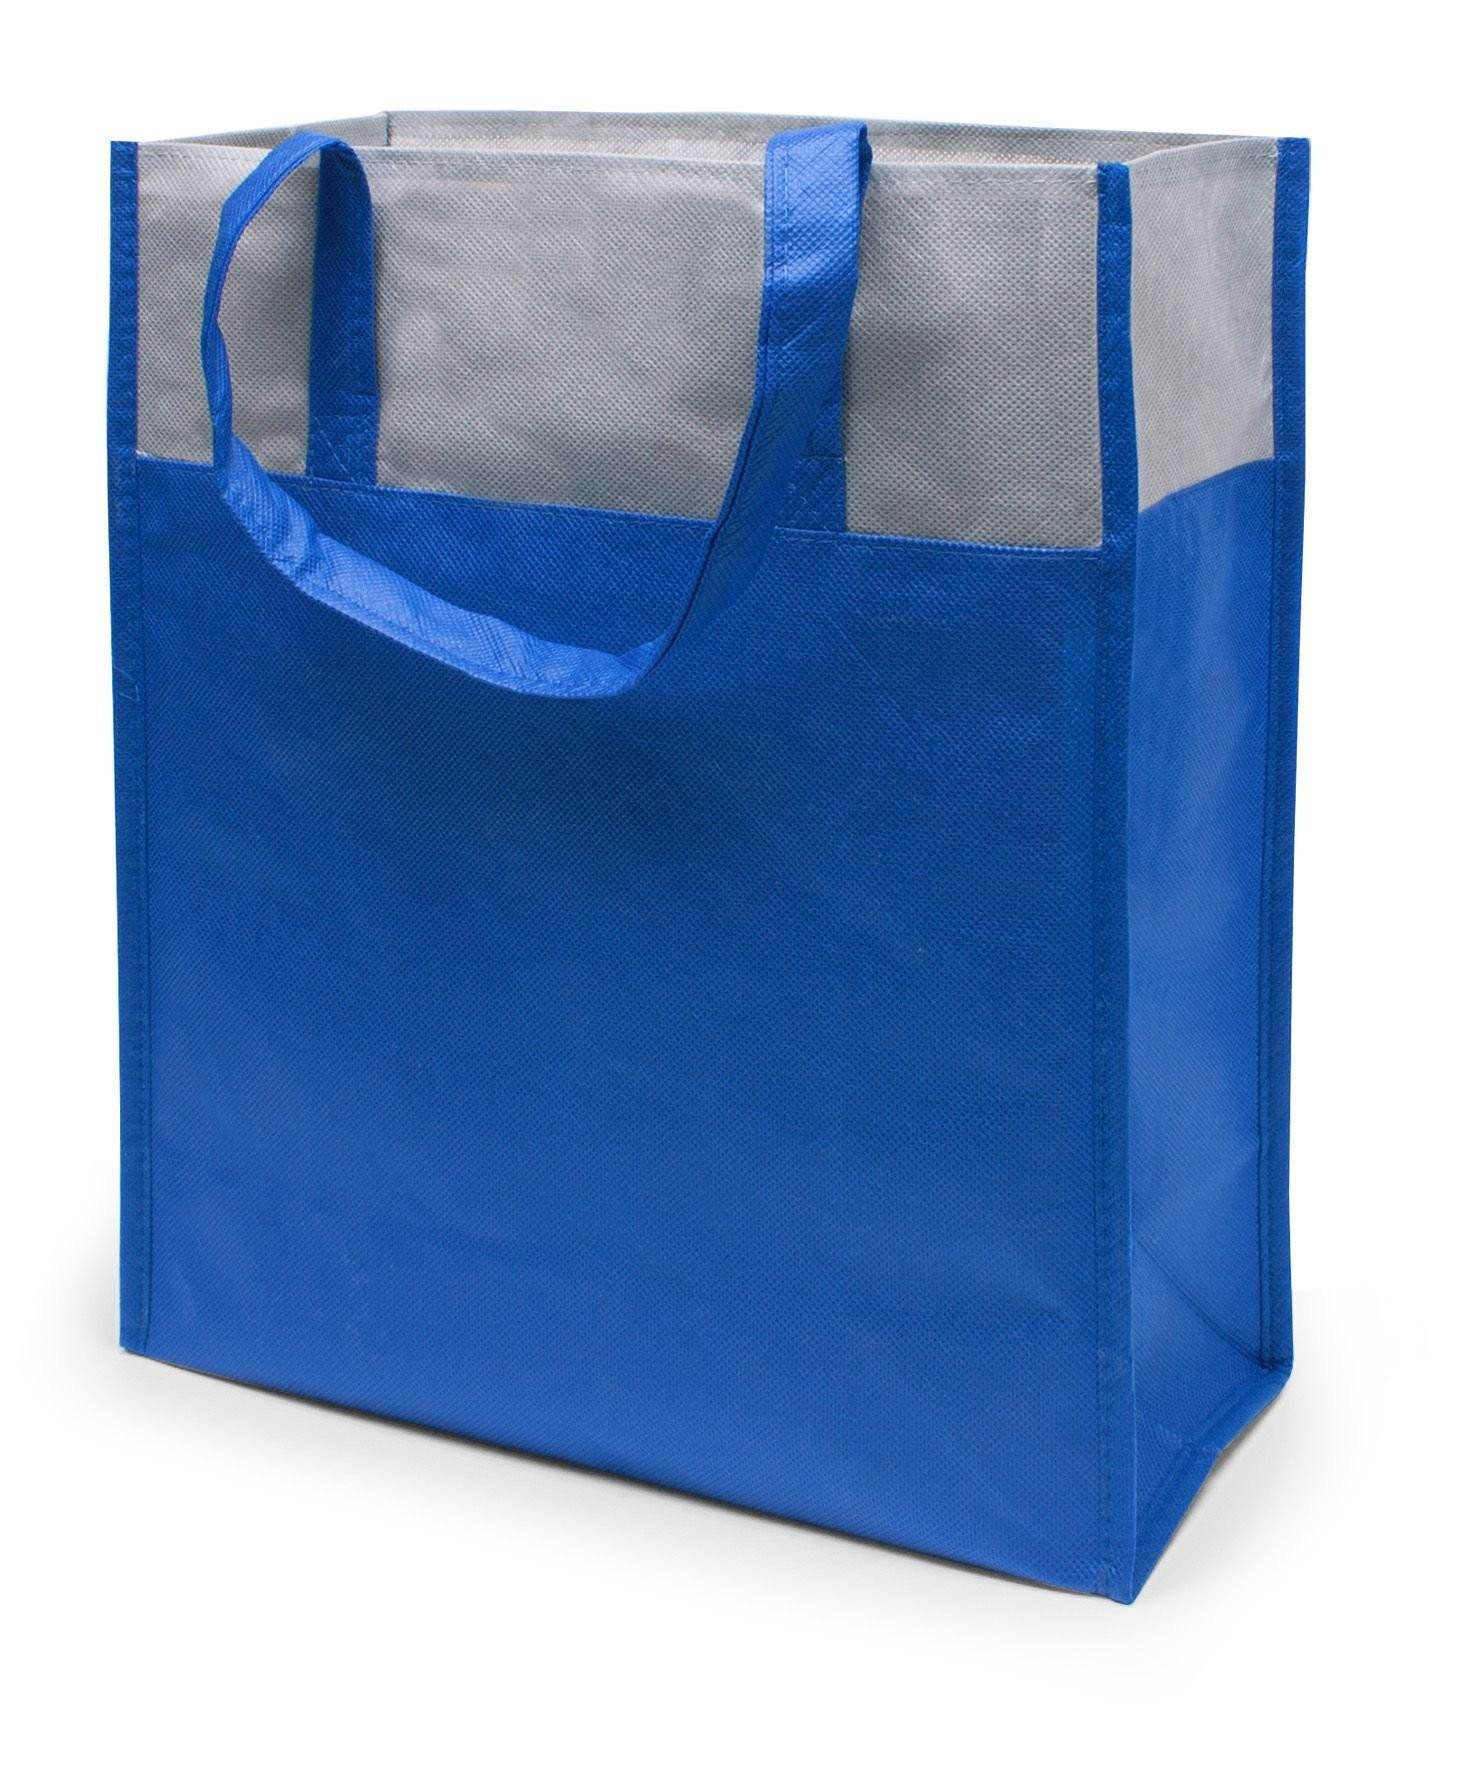 Einkaufstasche Brest